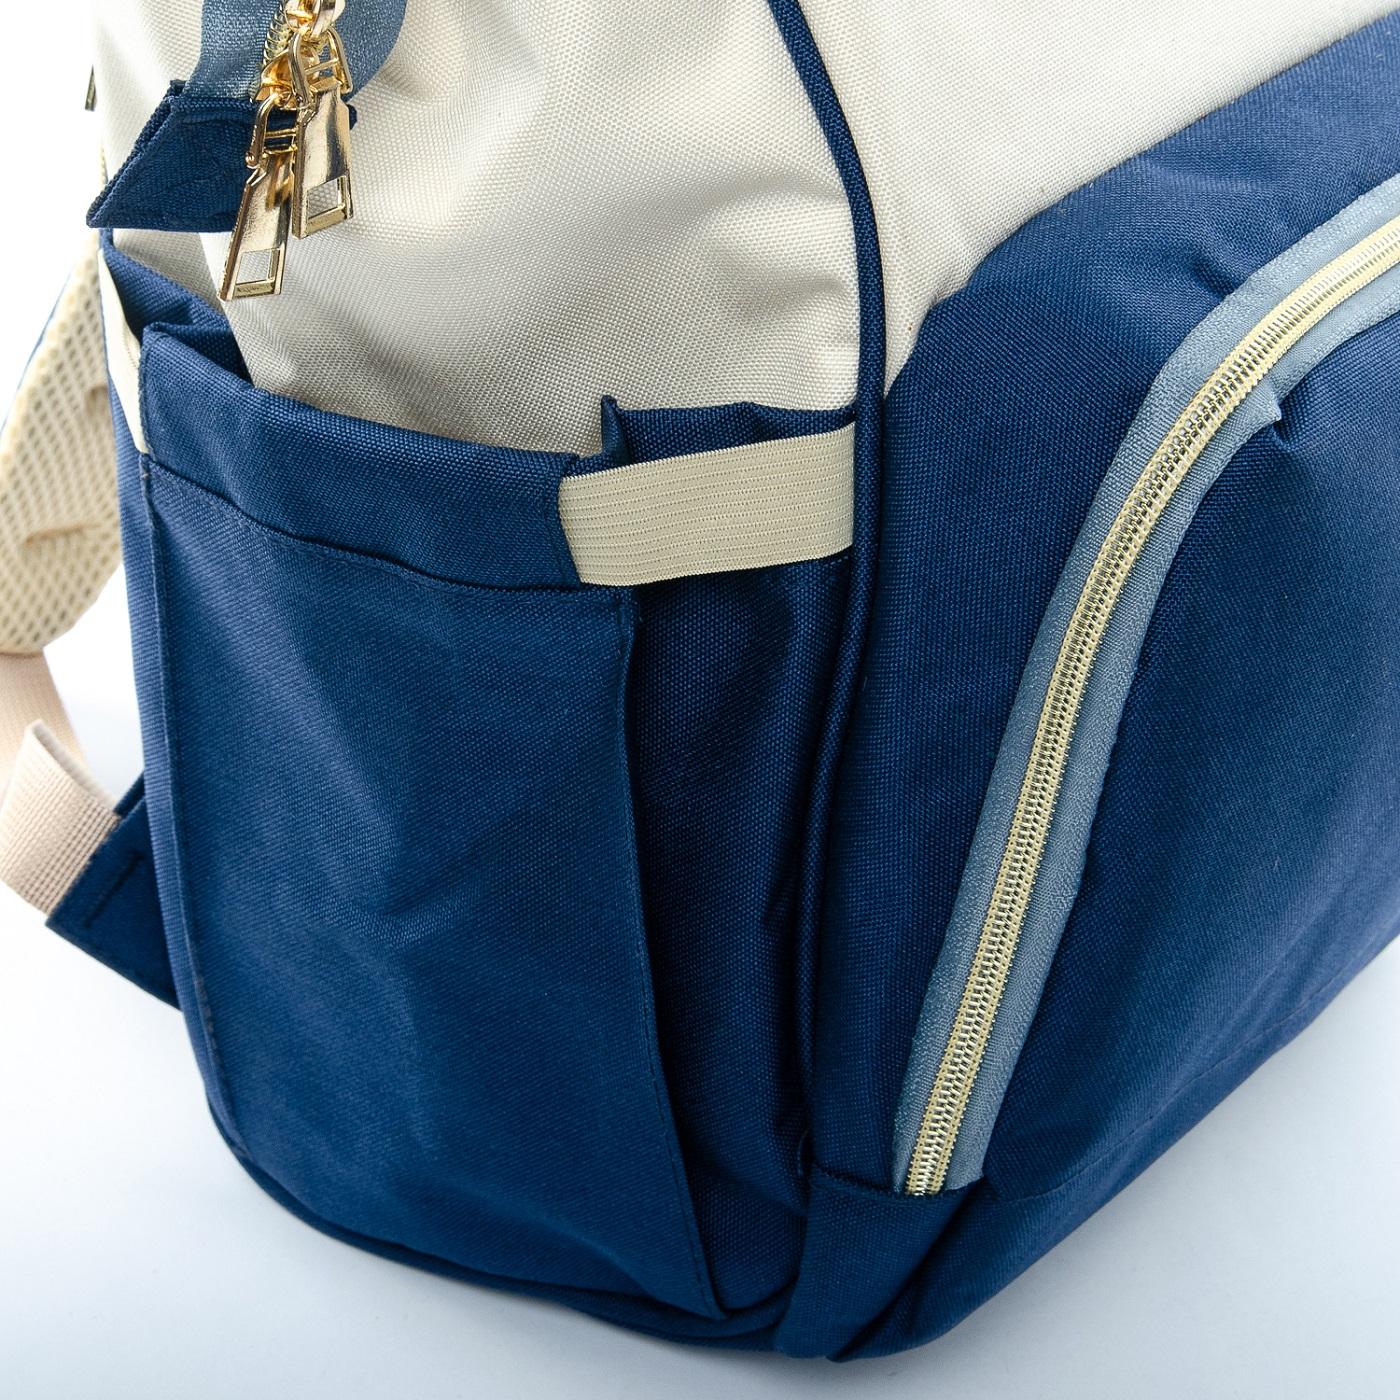 Сумка Женская Рюкзак нейлон Lanpad D900 blue white - фото 5